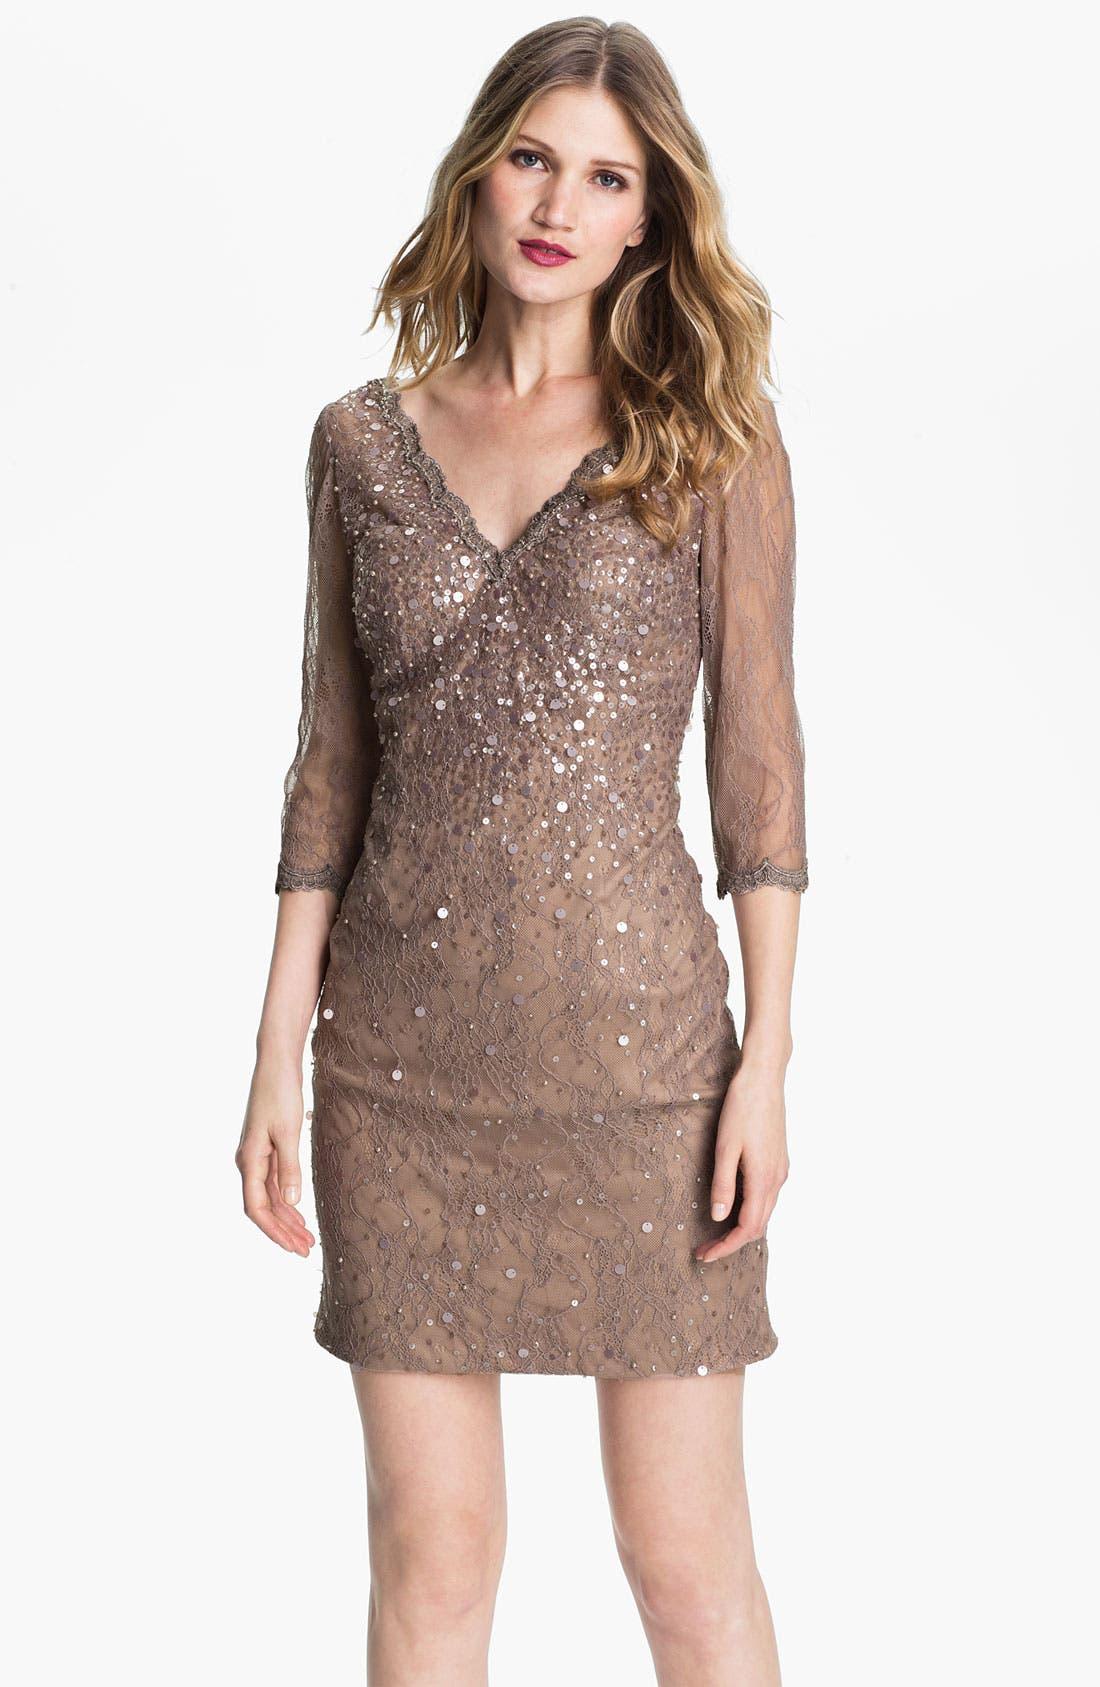 Alternate Image 1 Selected - Kathy Hilton Double V-Neck Embellished Lace Sheath Dress